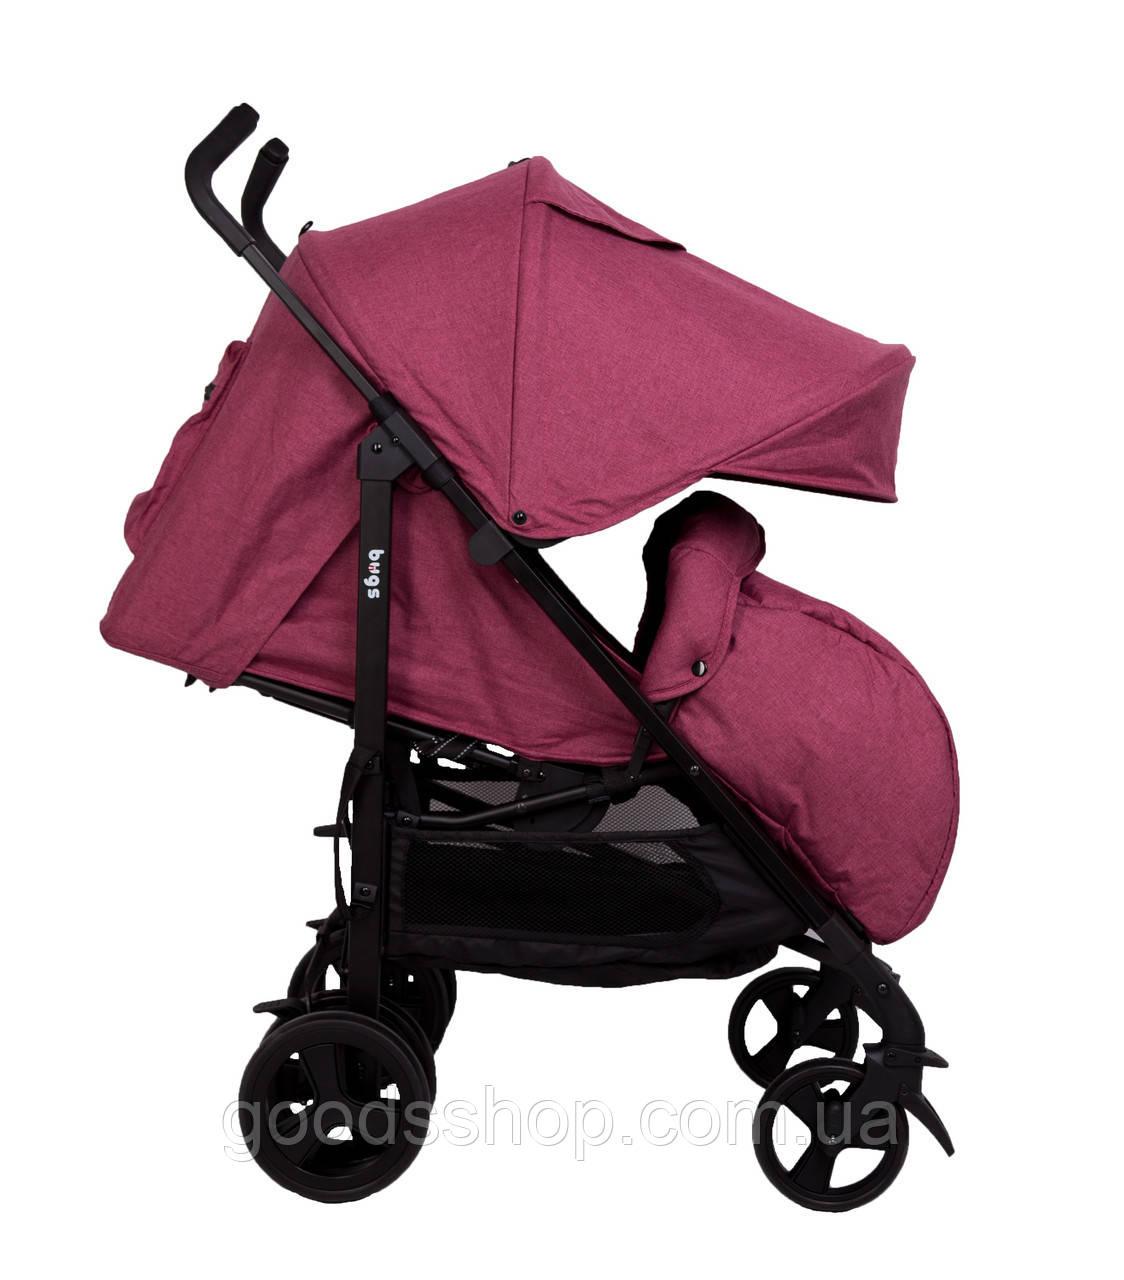 Прогулочная коляска Bugs® Witty - розовый